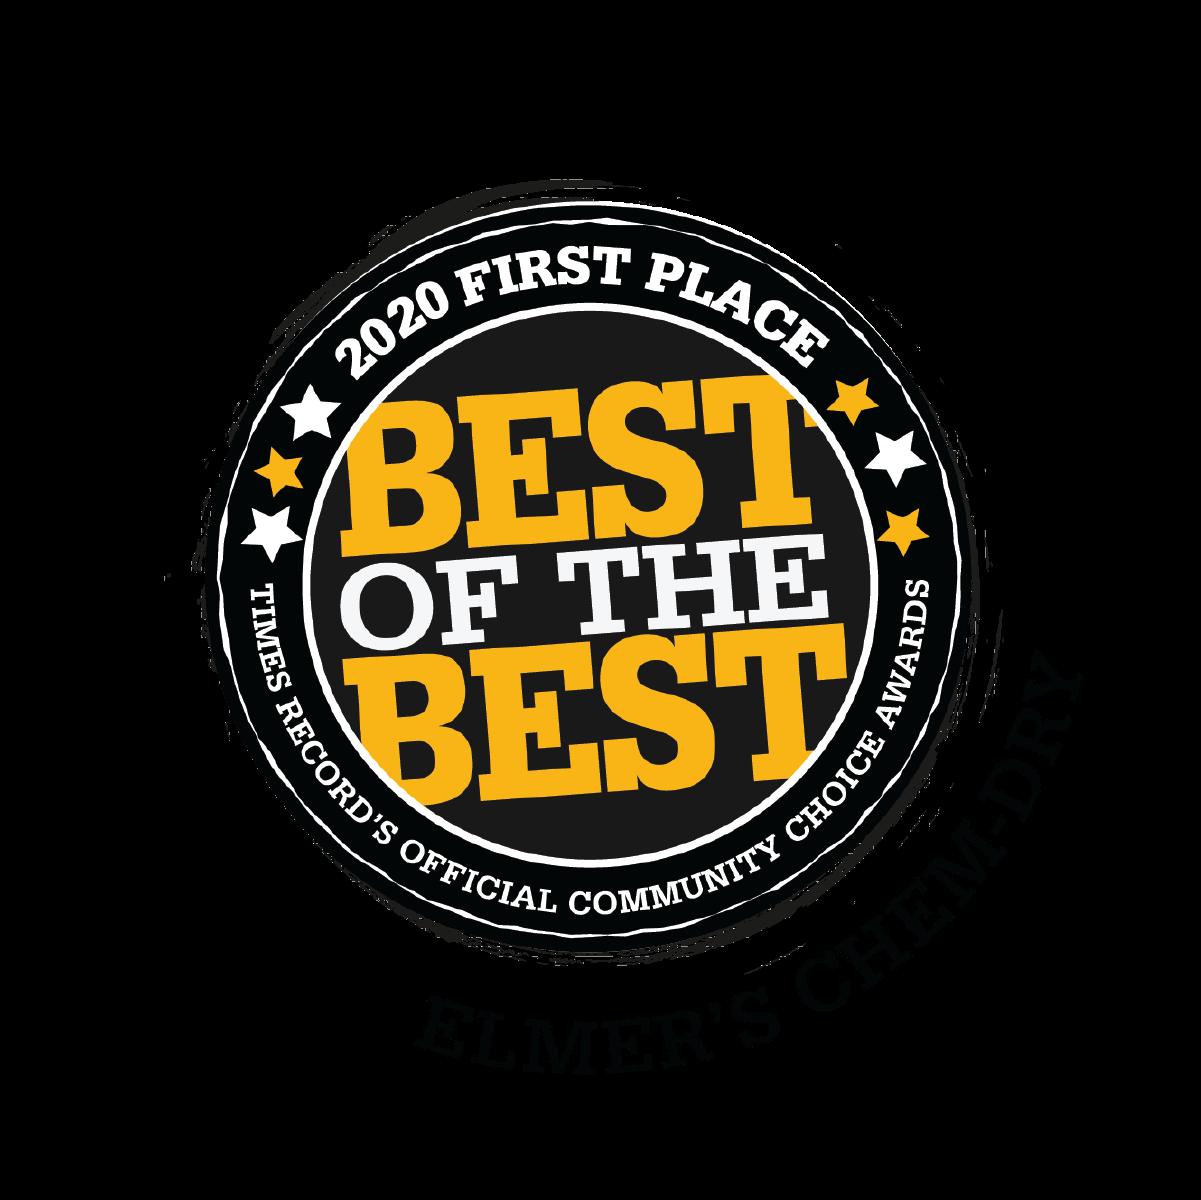 Elmer's Chem-Dry 2020 Best of the Best Award